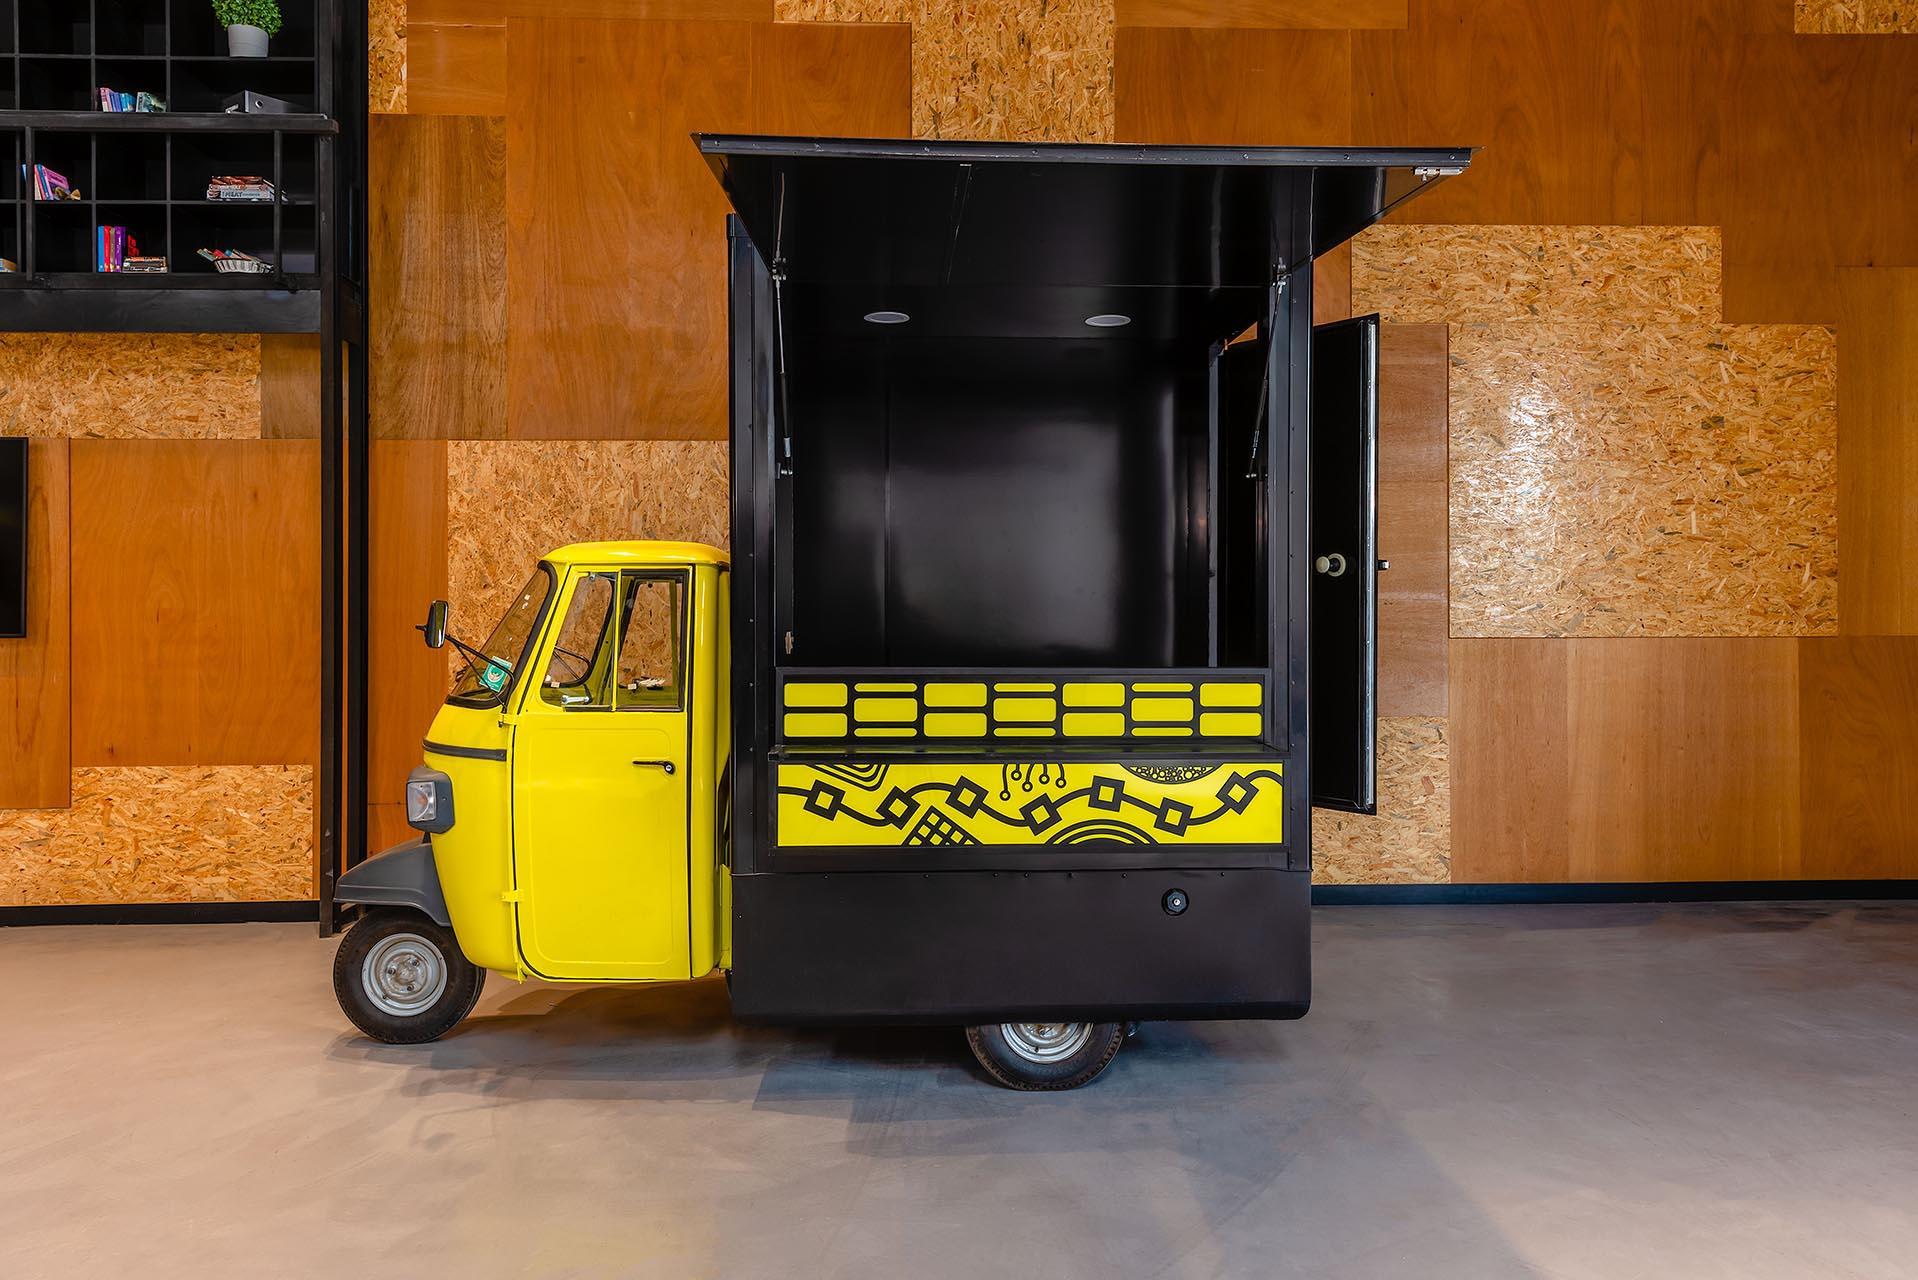 Used food trucks in Dubai